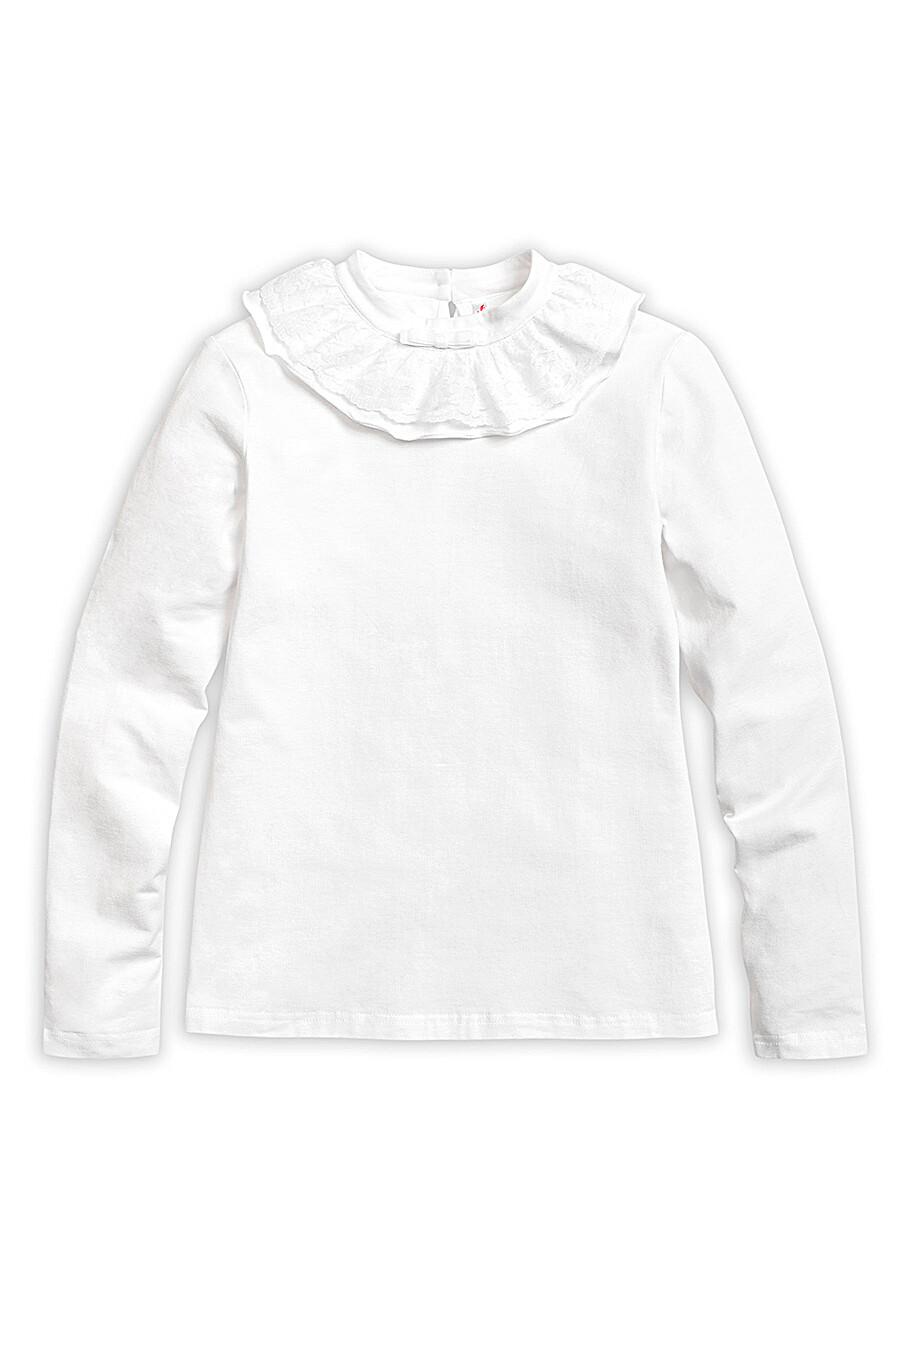 Блузка для девочек PELICAN 218533 купить оптом от производителя. Совместная покупка детской одежды в OptMoyo